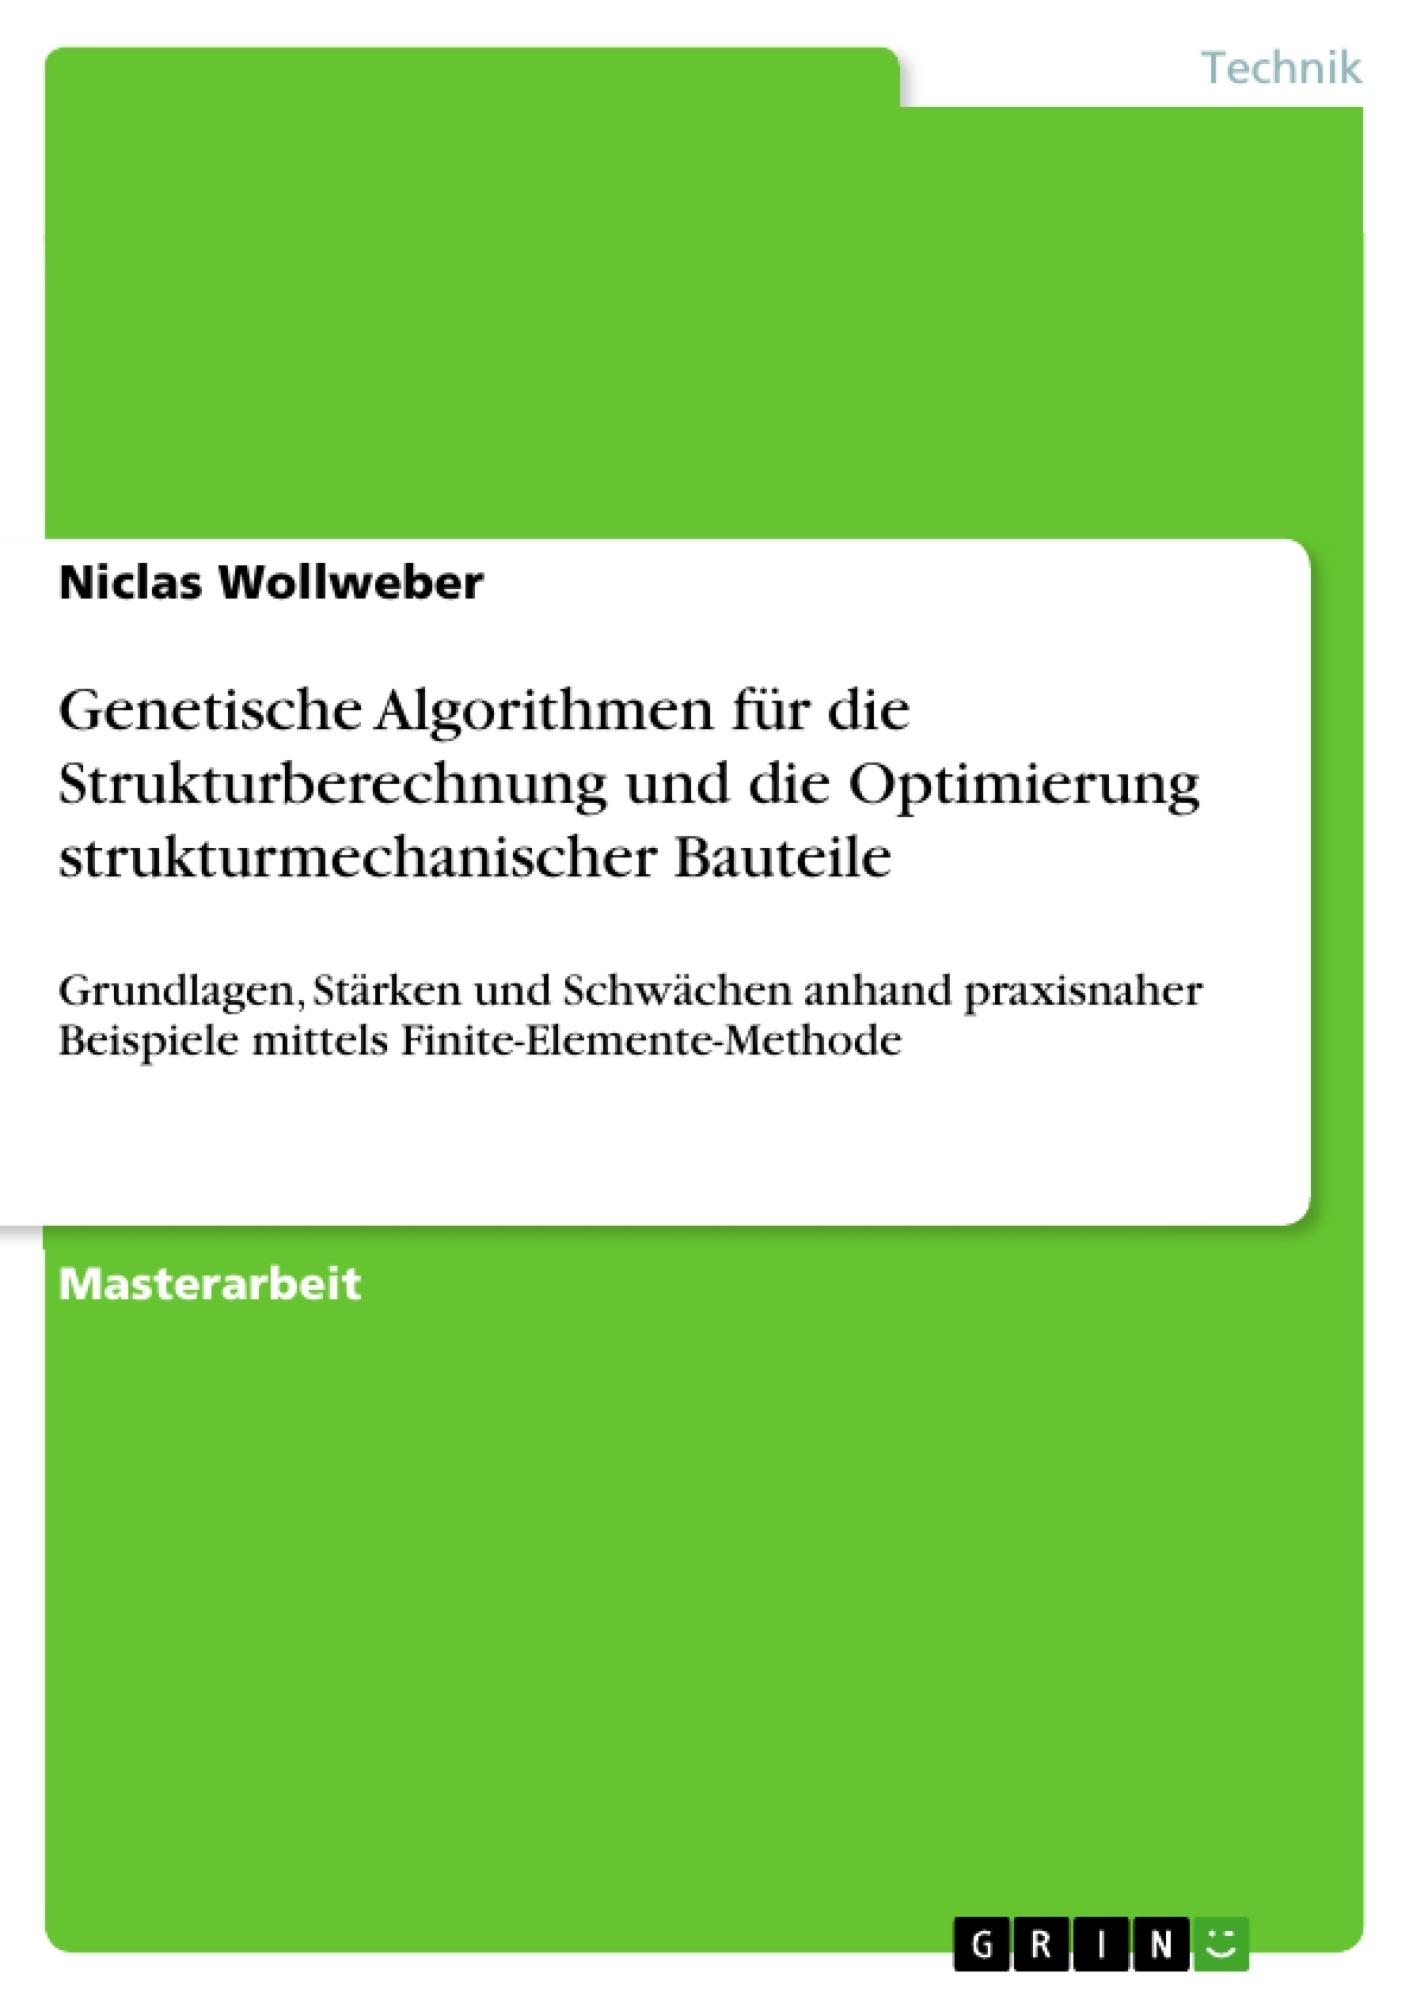 Titel: Genetische Algorithmen für die Strukturberechnung und die Optimierung strukturmechanischer Bauteile